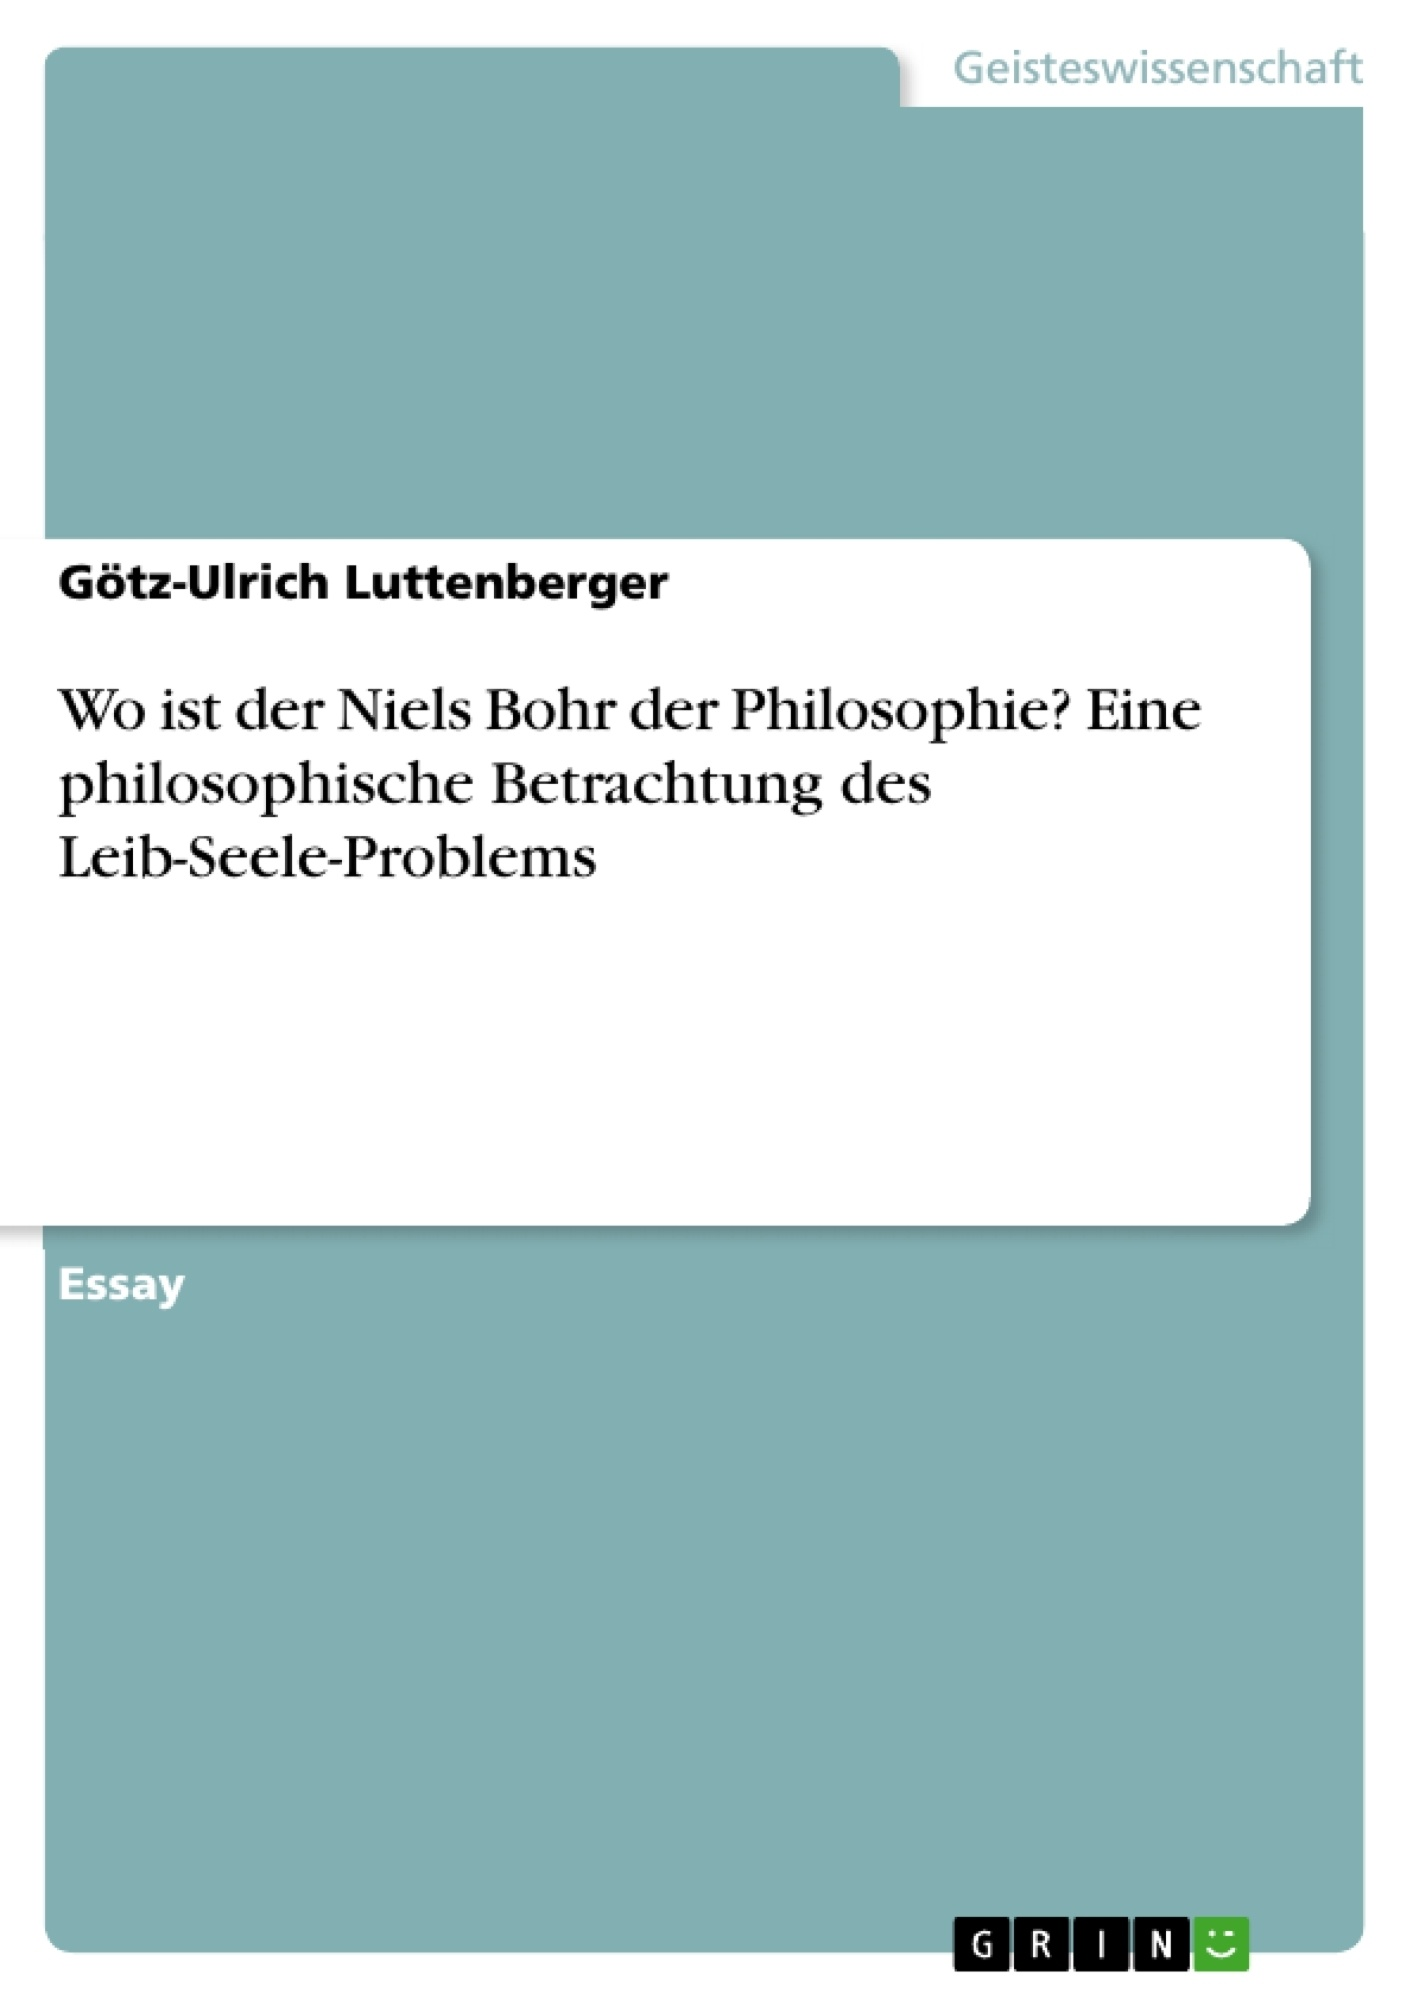 Titel: Wo ist der Niels Bohr der Philosophie? Eine philosophische Betrachtung des Leib-Seele-Problems